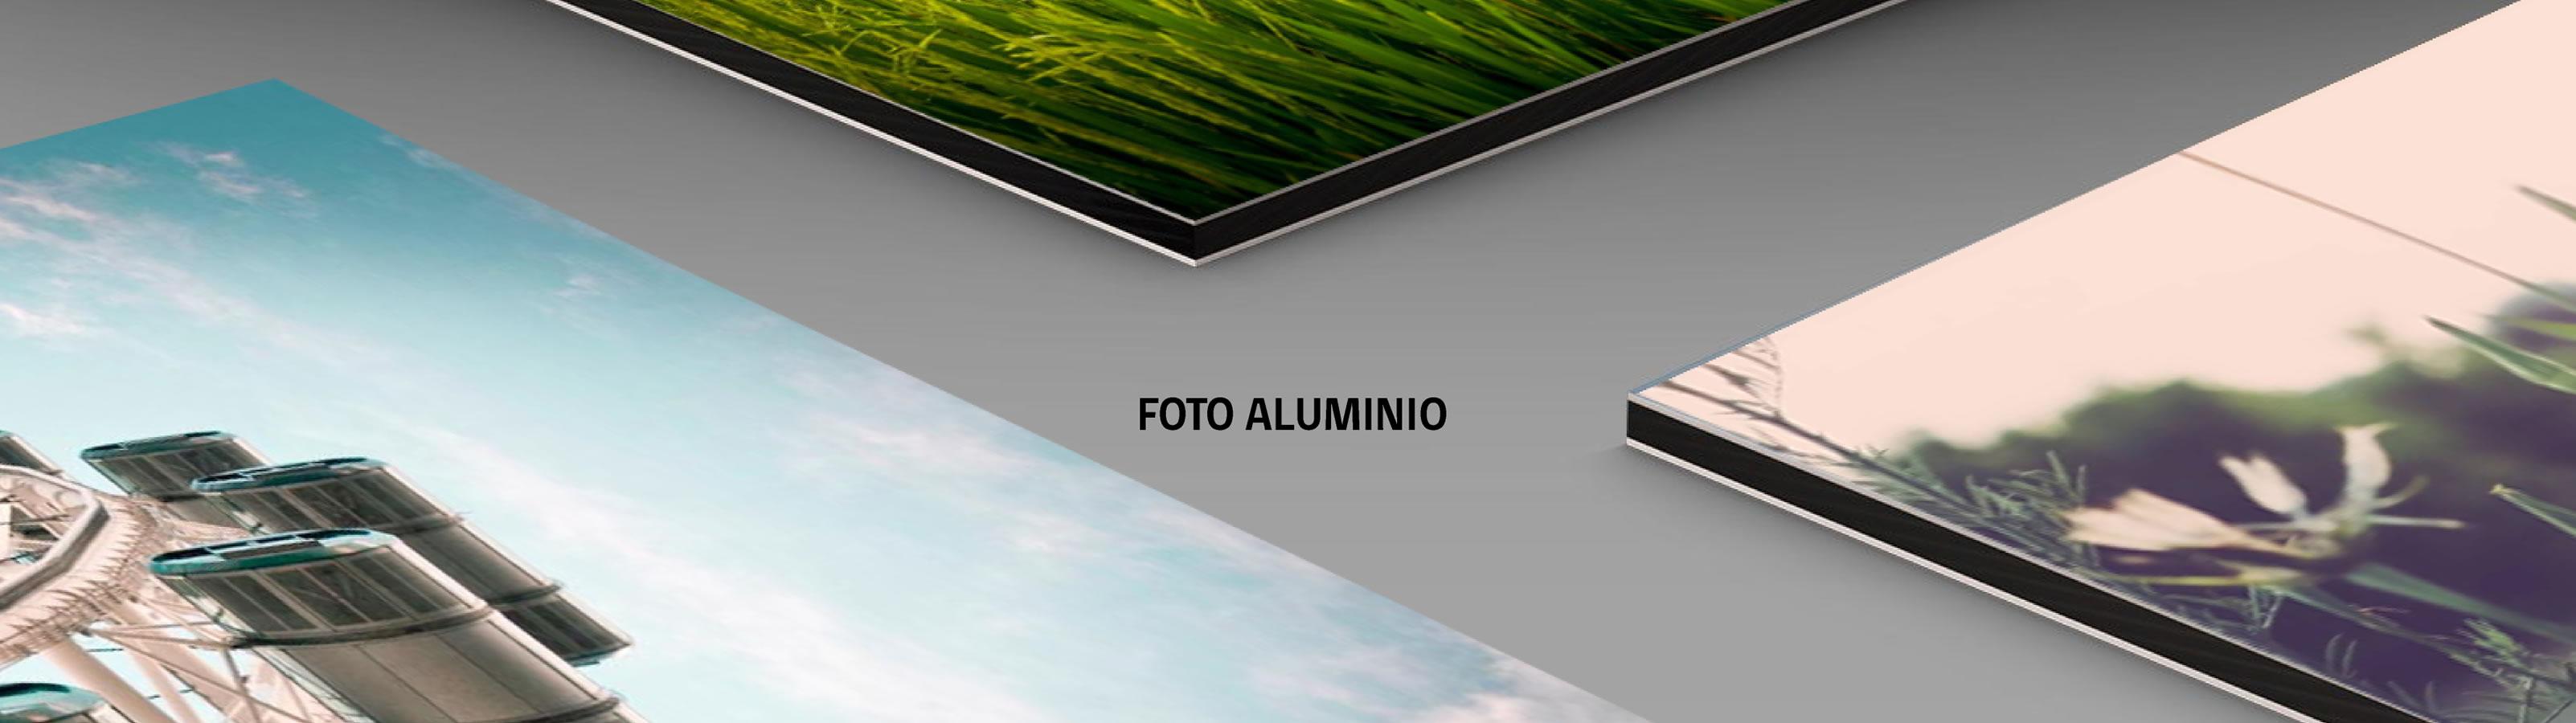 foto aluminio